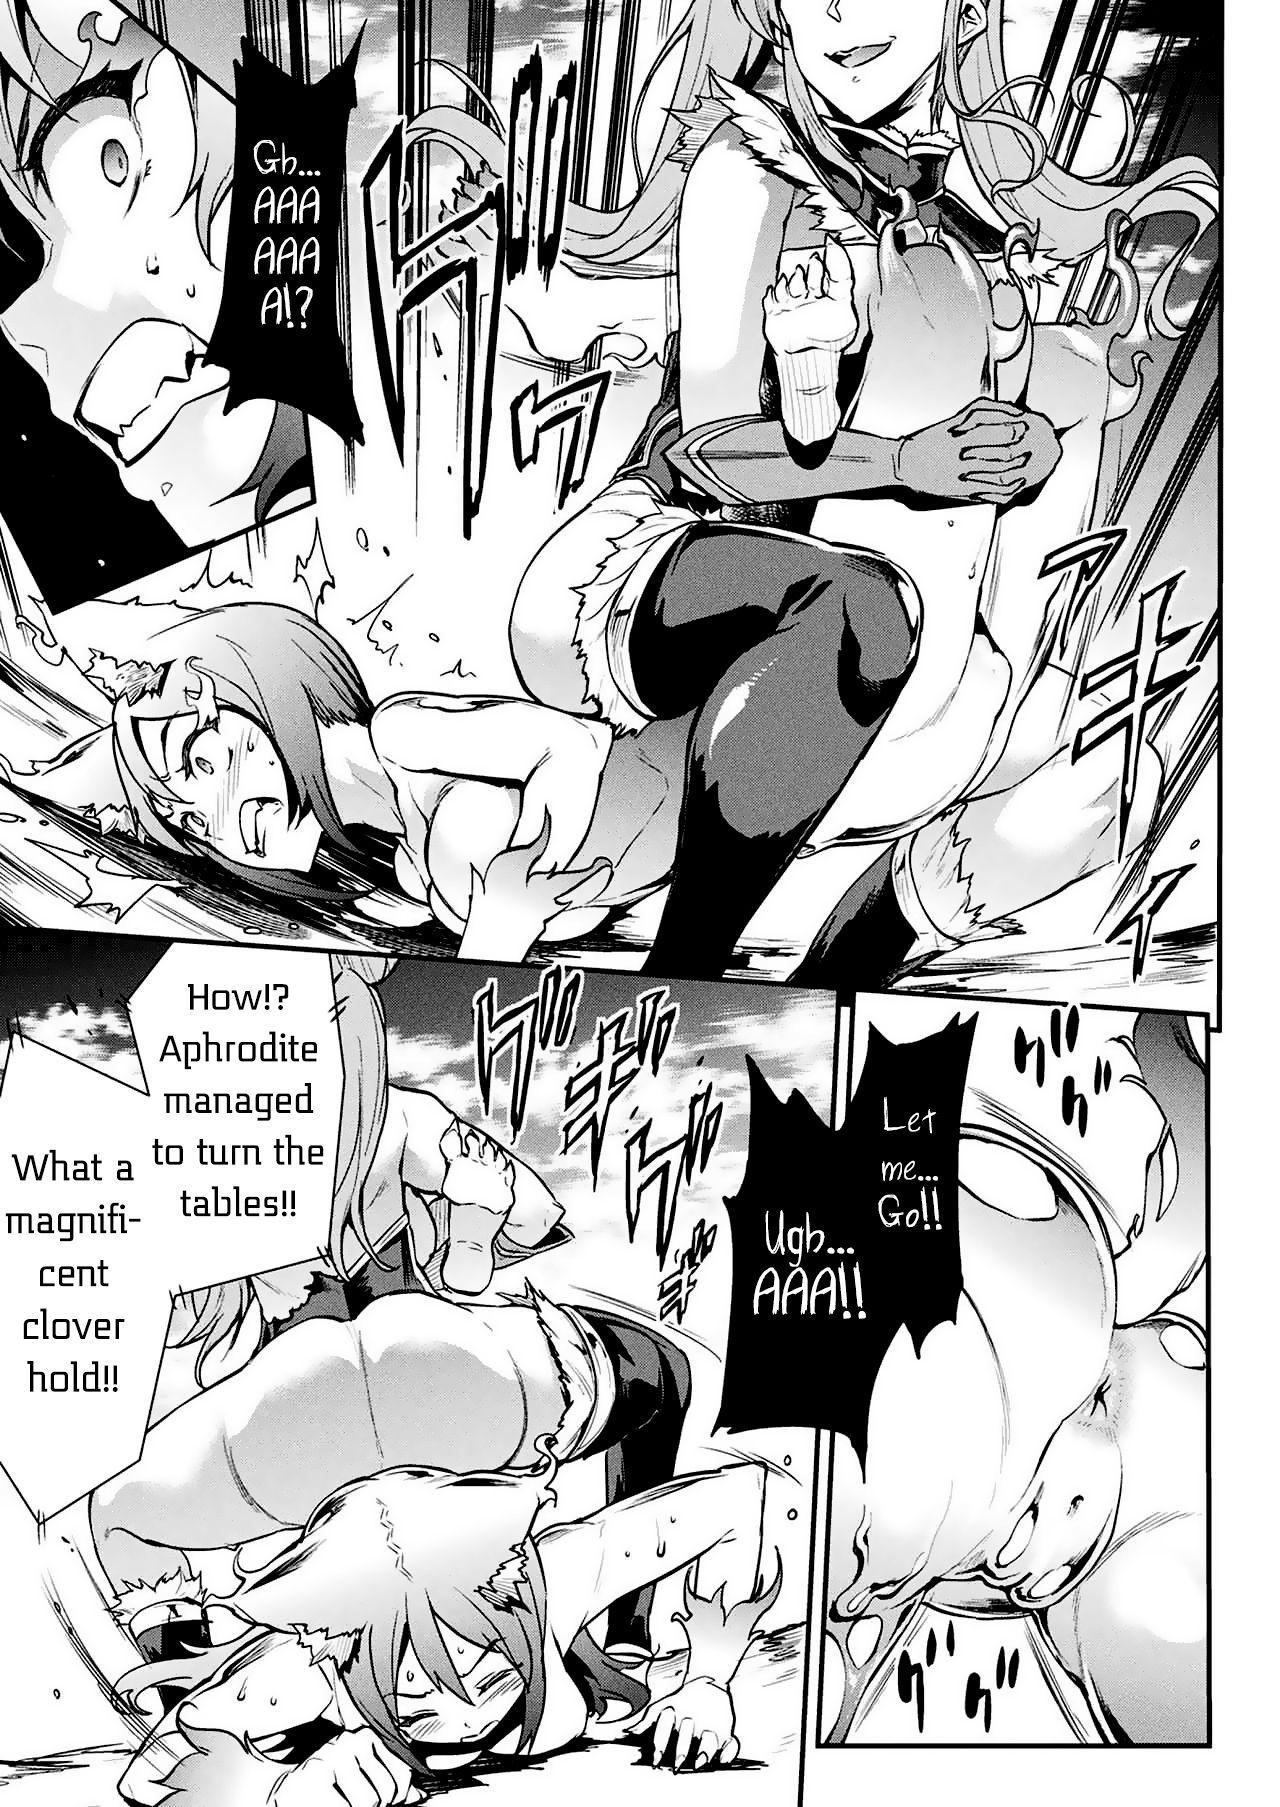 [Erect Sawaru] Raikou Shinki Igis Magia -PANDRA saga 3rd ignition- Ch. 8-11 [English] [Digital] 49